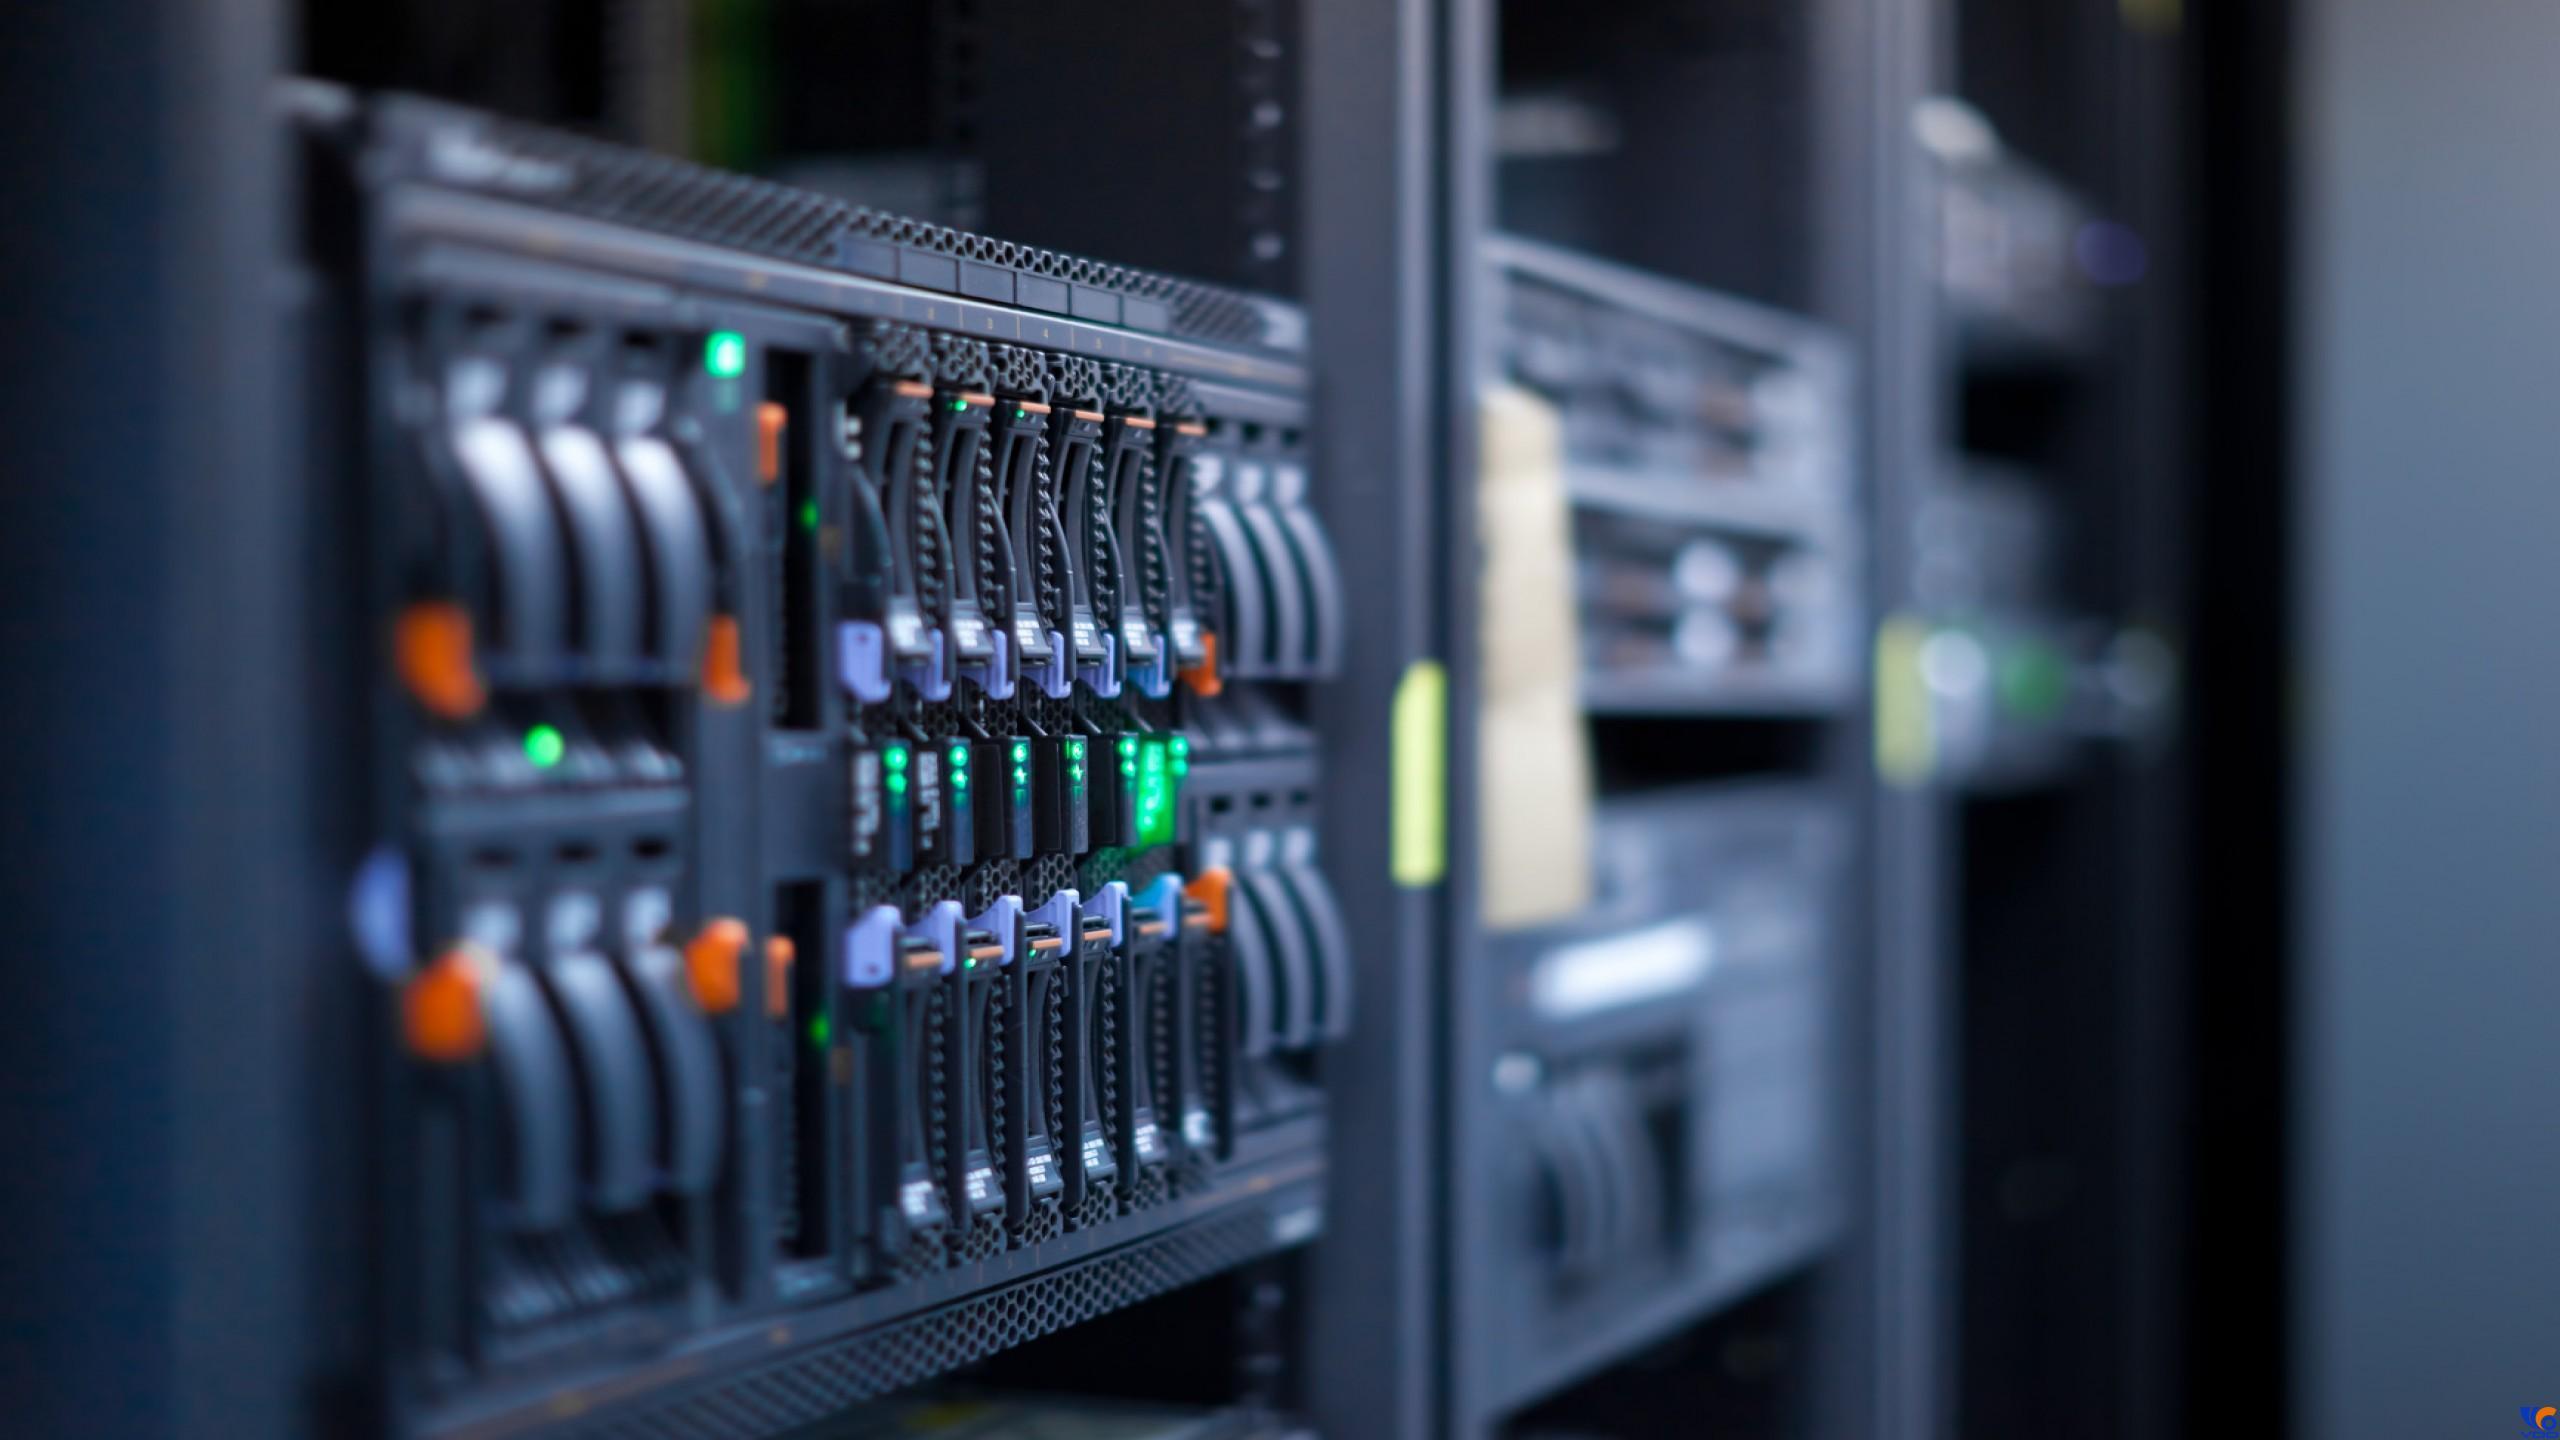 Hệ thống an ninh tại các trung tâm dữ liệu Pháp Vân – Viettel